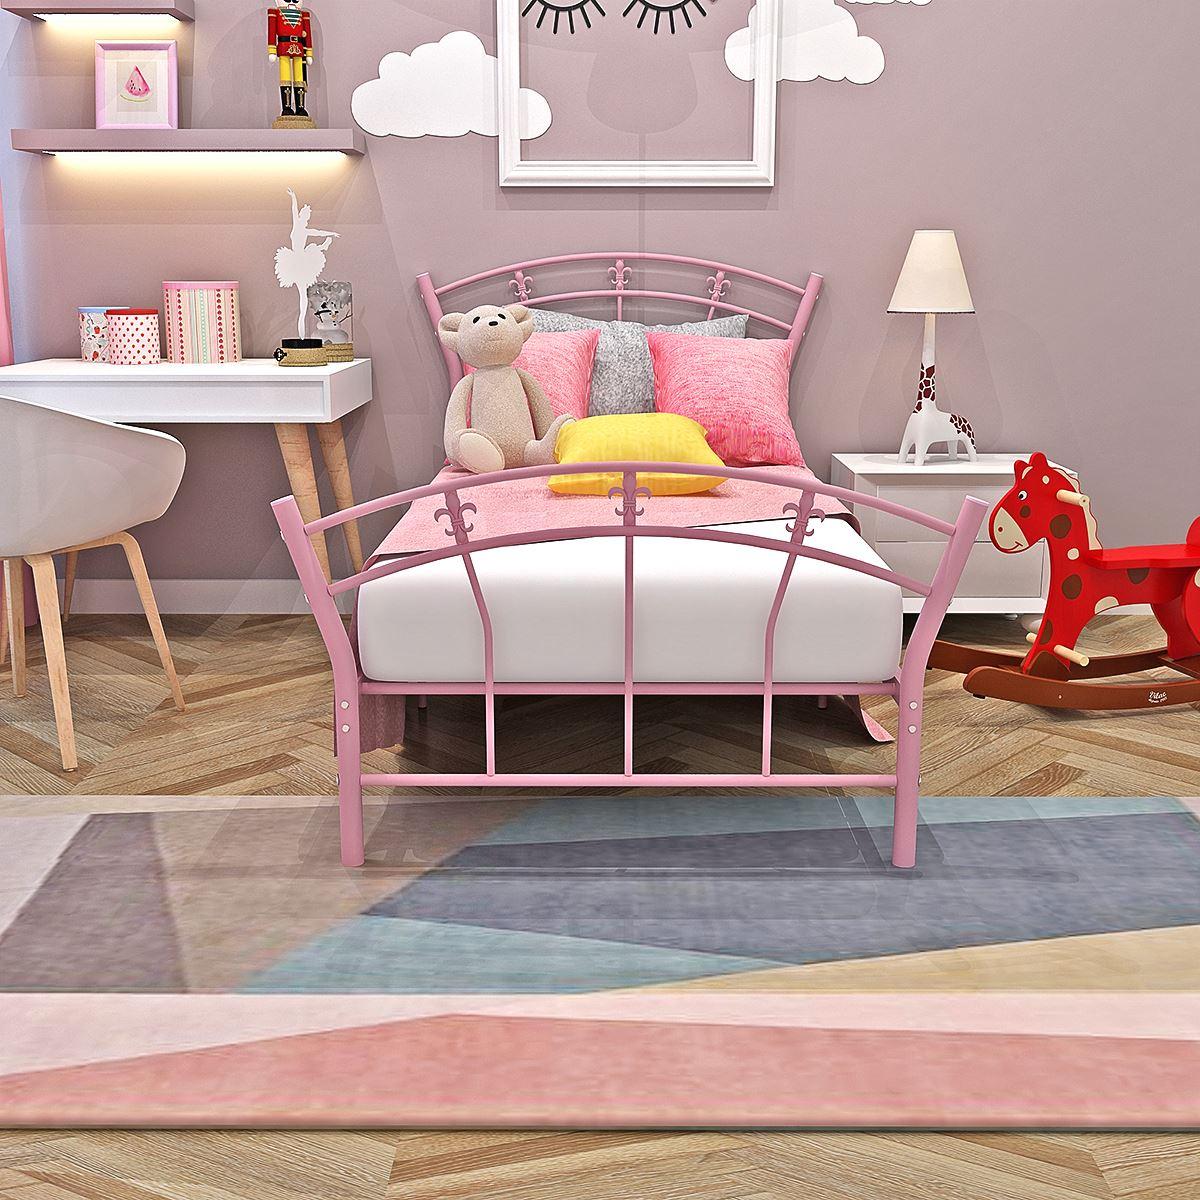 Los niños cama de Metal marco Rosa chico 3FT única chica Base de la cama de muebles de princesa para dormitorio ventilador en forma de cabecera entrega rápida